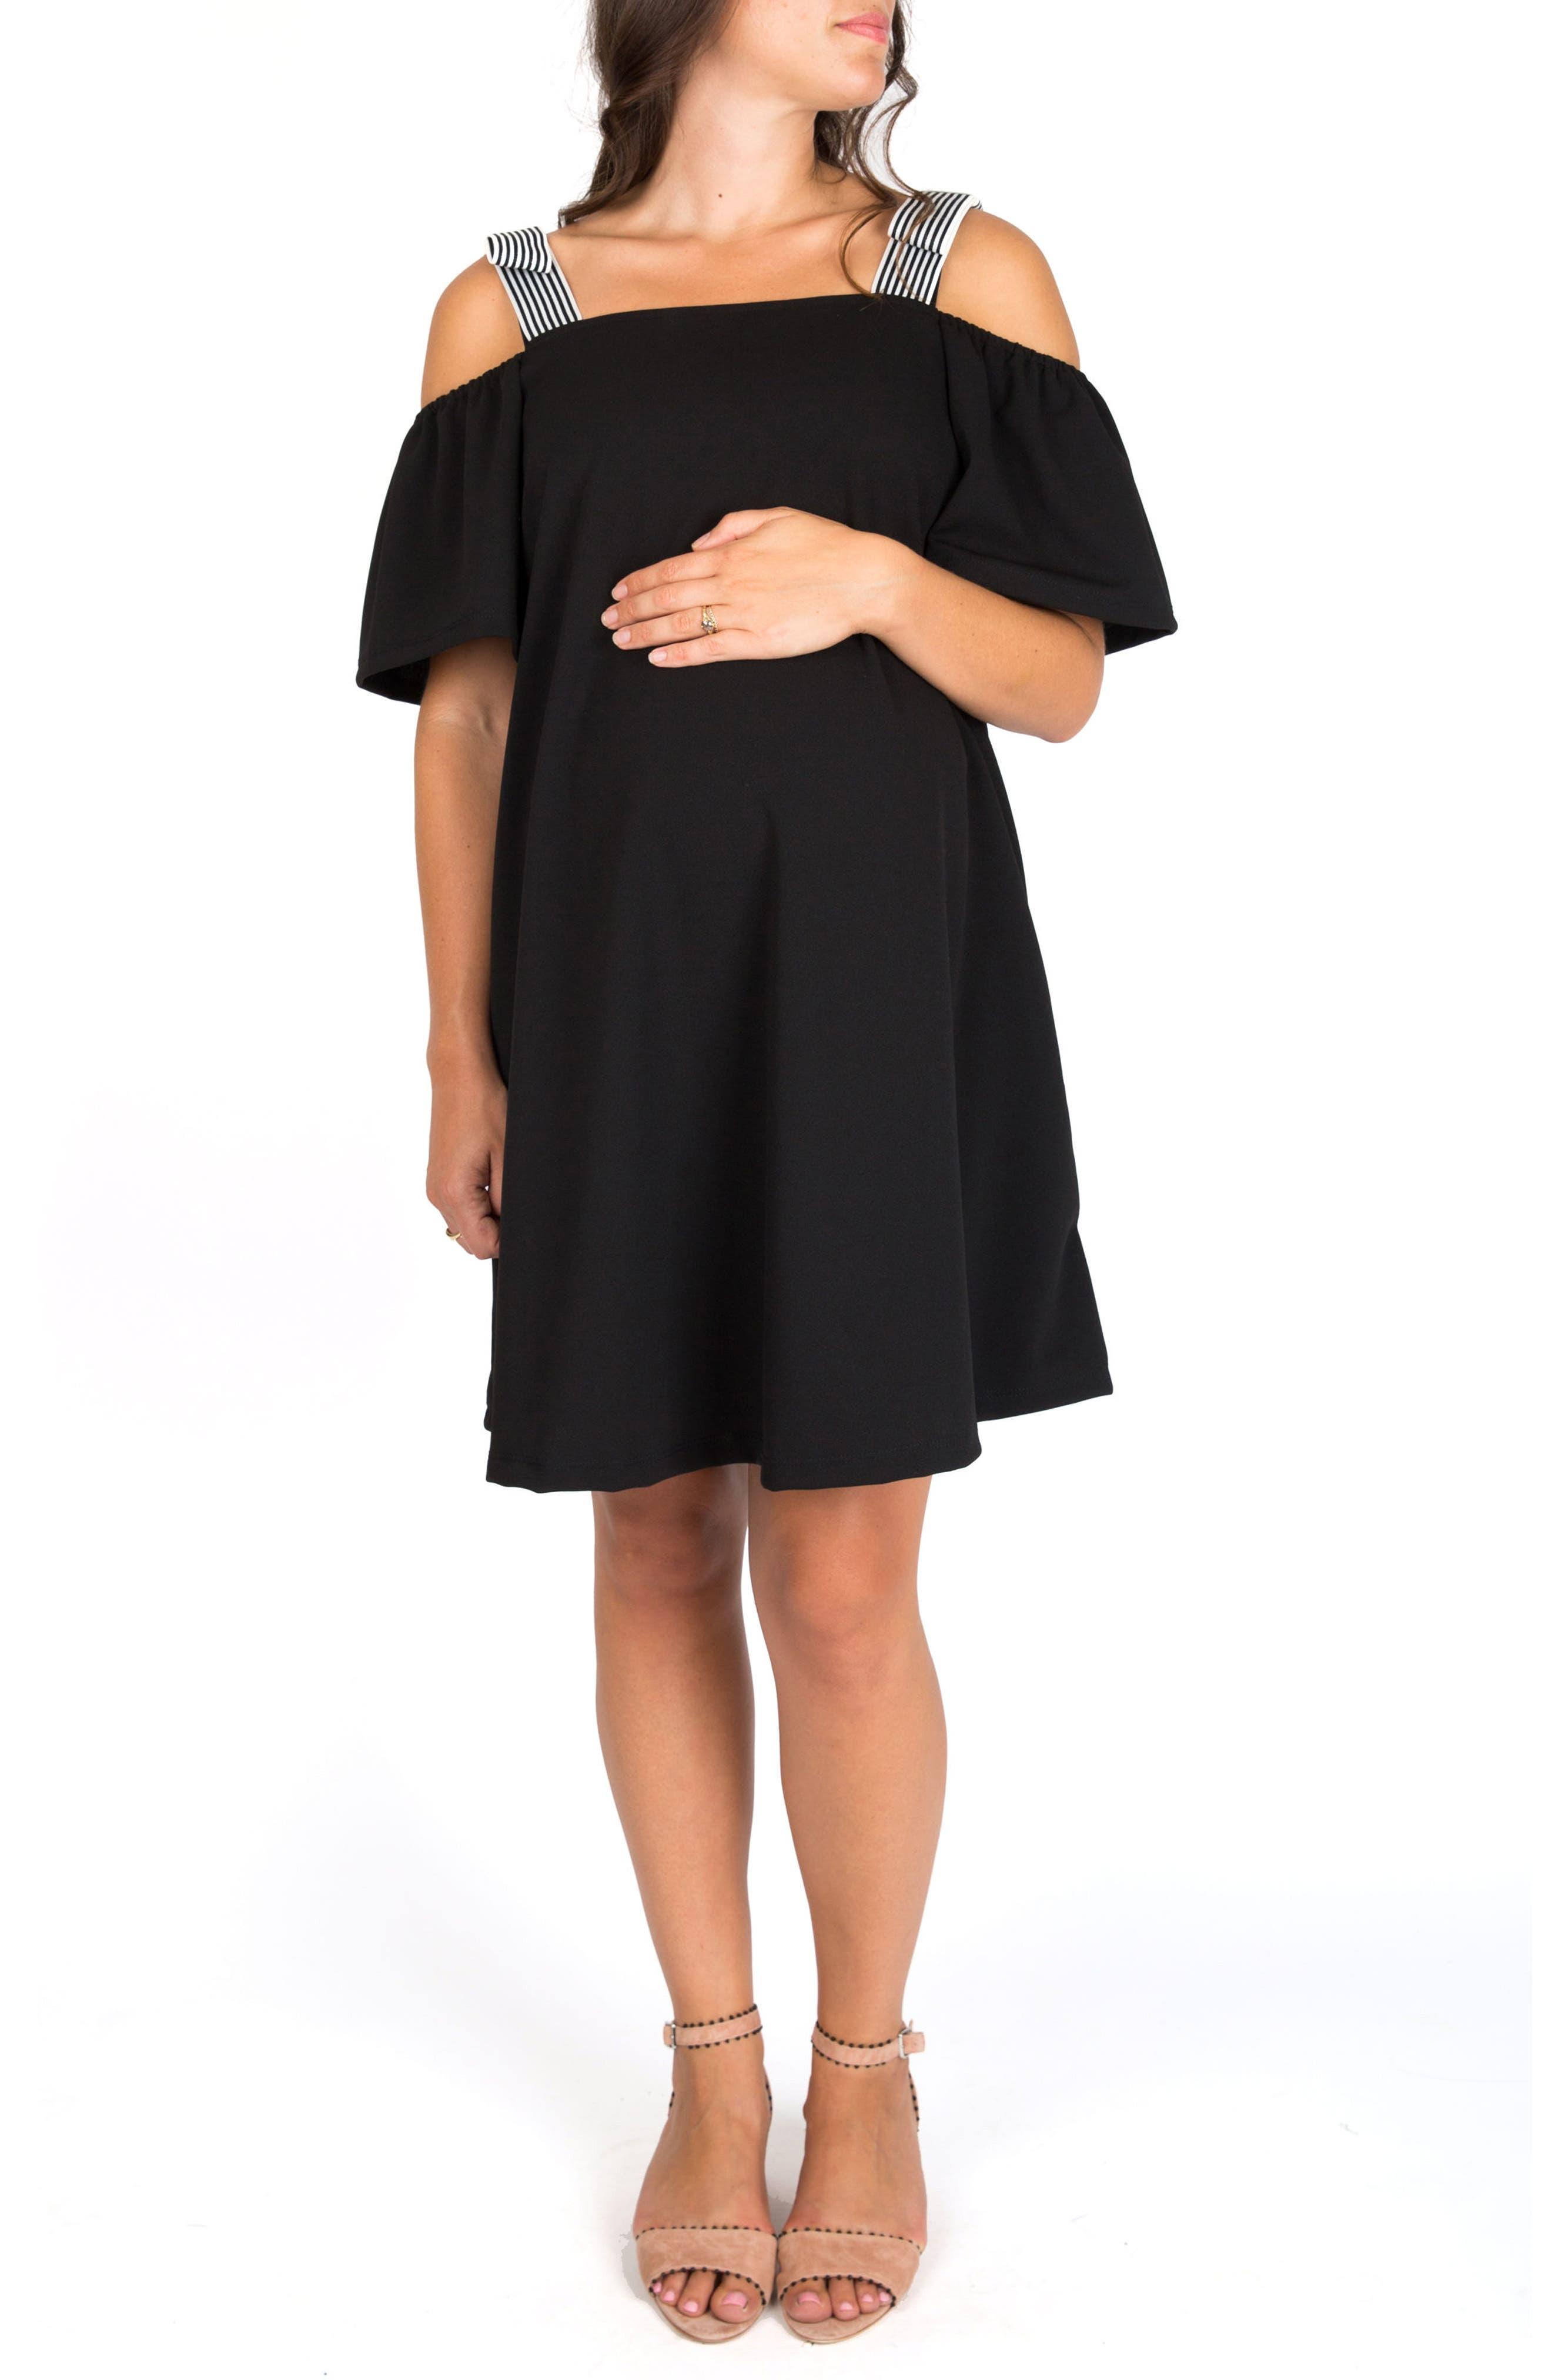 NOM MATERNITY Millie Off the Shoulder Maternity Dress, Main, color, BLACK